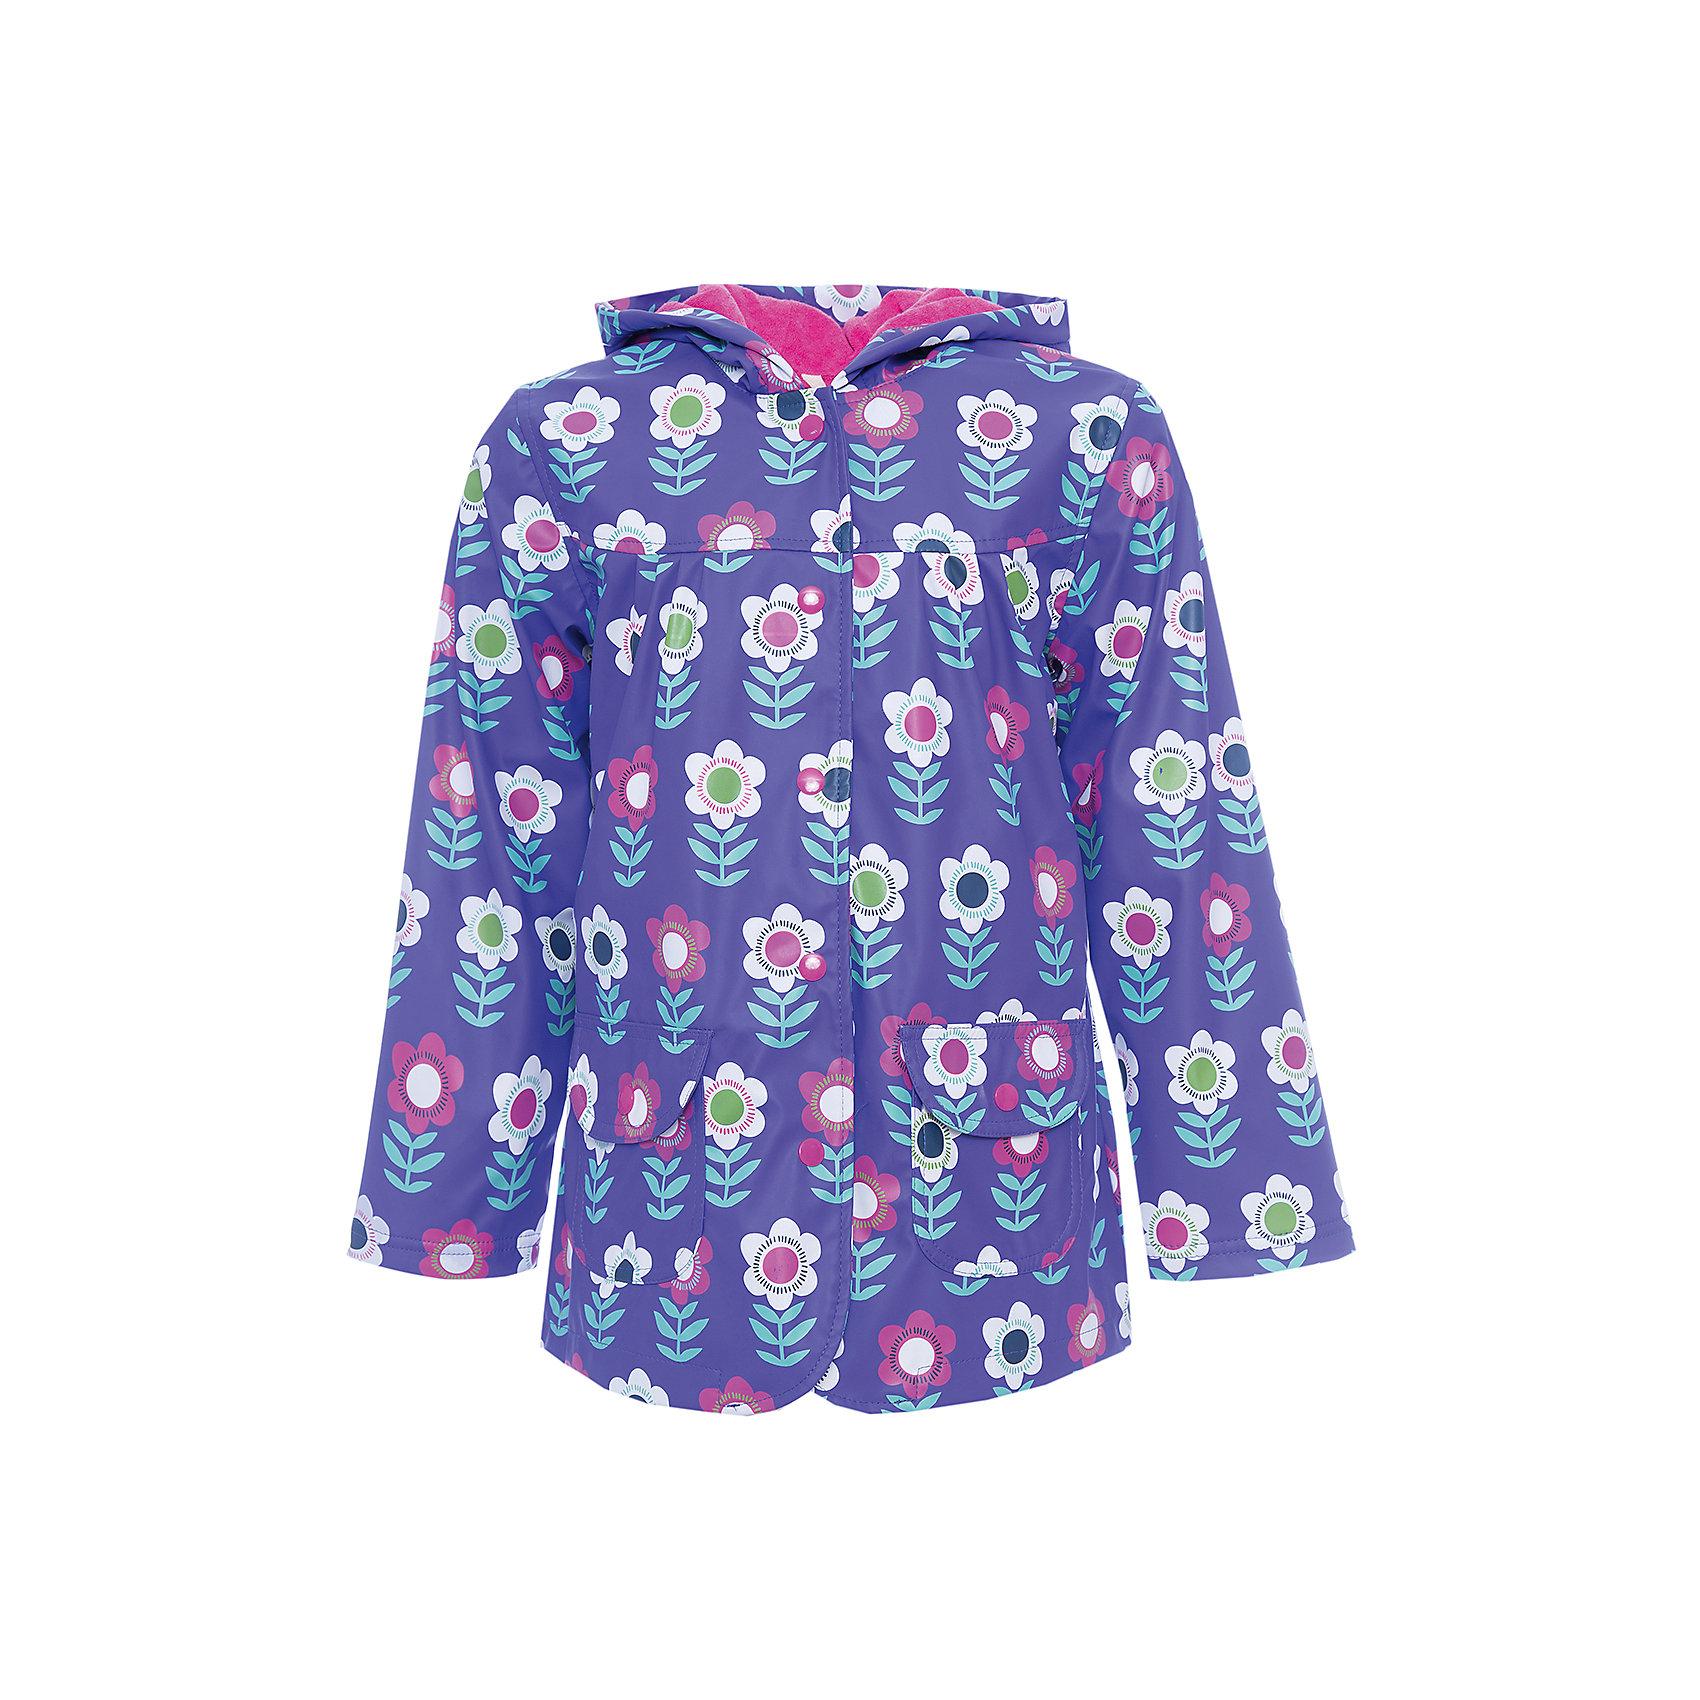 Плащ для девочки HatleyВерхняя одежда<br>Плащ для девочки Hatley<br><br>Характеристики:<br><br>• Состав: верх - 100%полиуретан, подкладка -100% полиэстер<br>• Цвет: фиолетовый, красный<br><br>Красивый и яркий плащ с уникальным дизайном не оставит ребенка равнодушным. У плаща два небольших кармана, удобный капюшон и крючок, чтобы повесить вещь на вешалку. Внутри плаща махровая подкладка, которая придает дополнительное тепло. Застегивается плащ на пуговки, которые может застегнуть ребенок самостоятельно. <br><br>Плащ для девочки Hatley можно купить в нашем интернет-магазине.<br><br>Ширина мм: 356<br>Глубина мм: 10<br>Высота мм: 245<br>Вес г: 519<br>Цвет: фиолетовый<br>Возраст от месяцев: 18<br>Возраст до месяцев: 24<br>Пол: Женский<br>Возраст: Детский<br>Размер: 92,104,128,110,116,122<br>SKU: 5020750